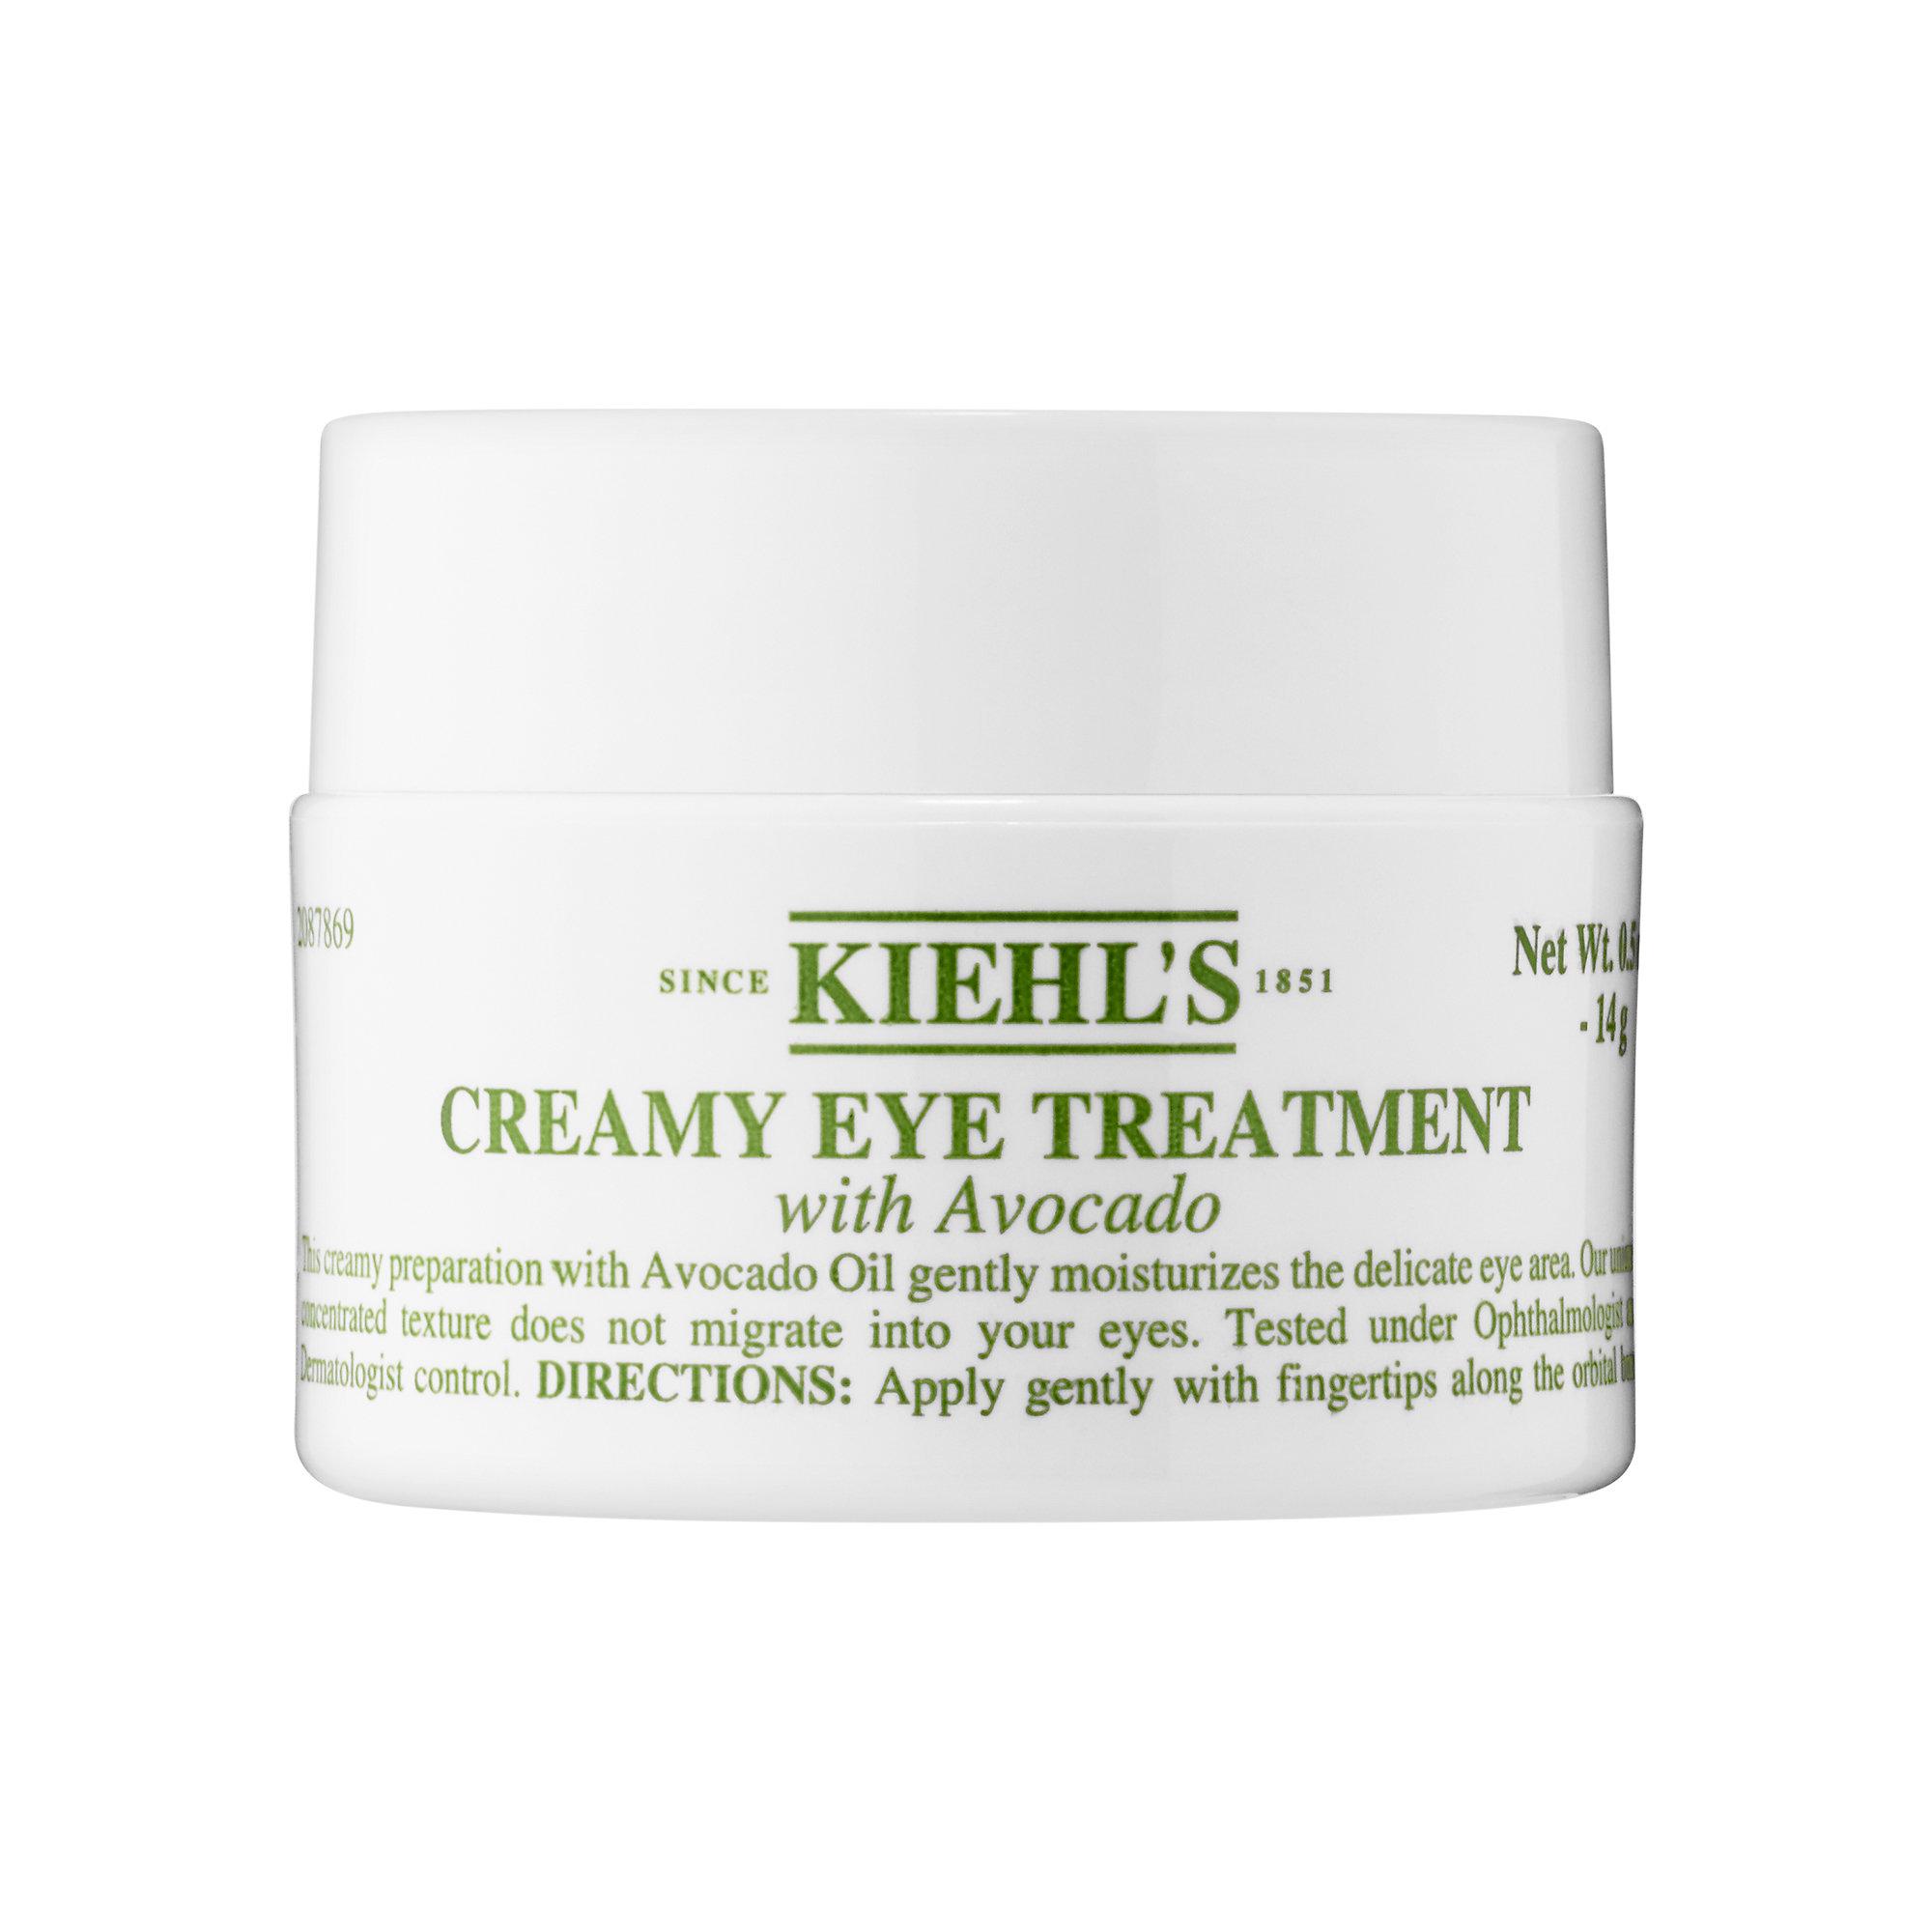 Kiehl's Creamy Eye Treatment with Avocado ($48)